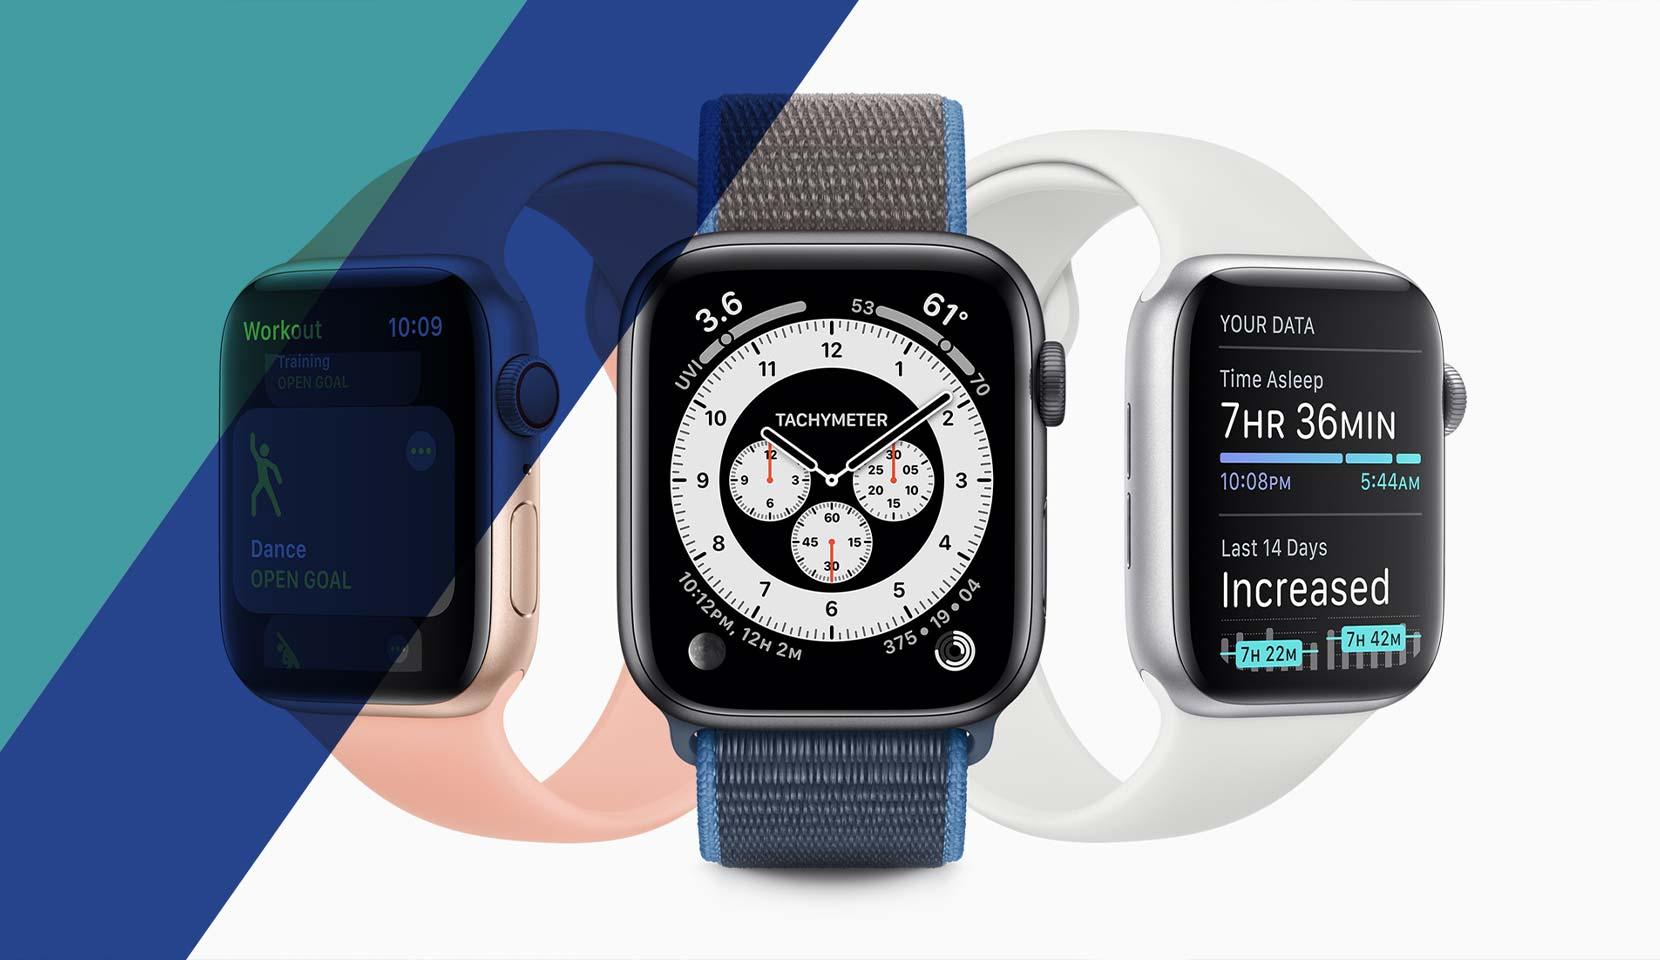 Apple dă indicii că lansează un serviciu de fitness virtual